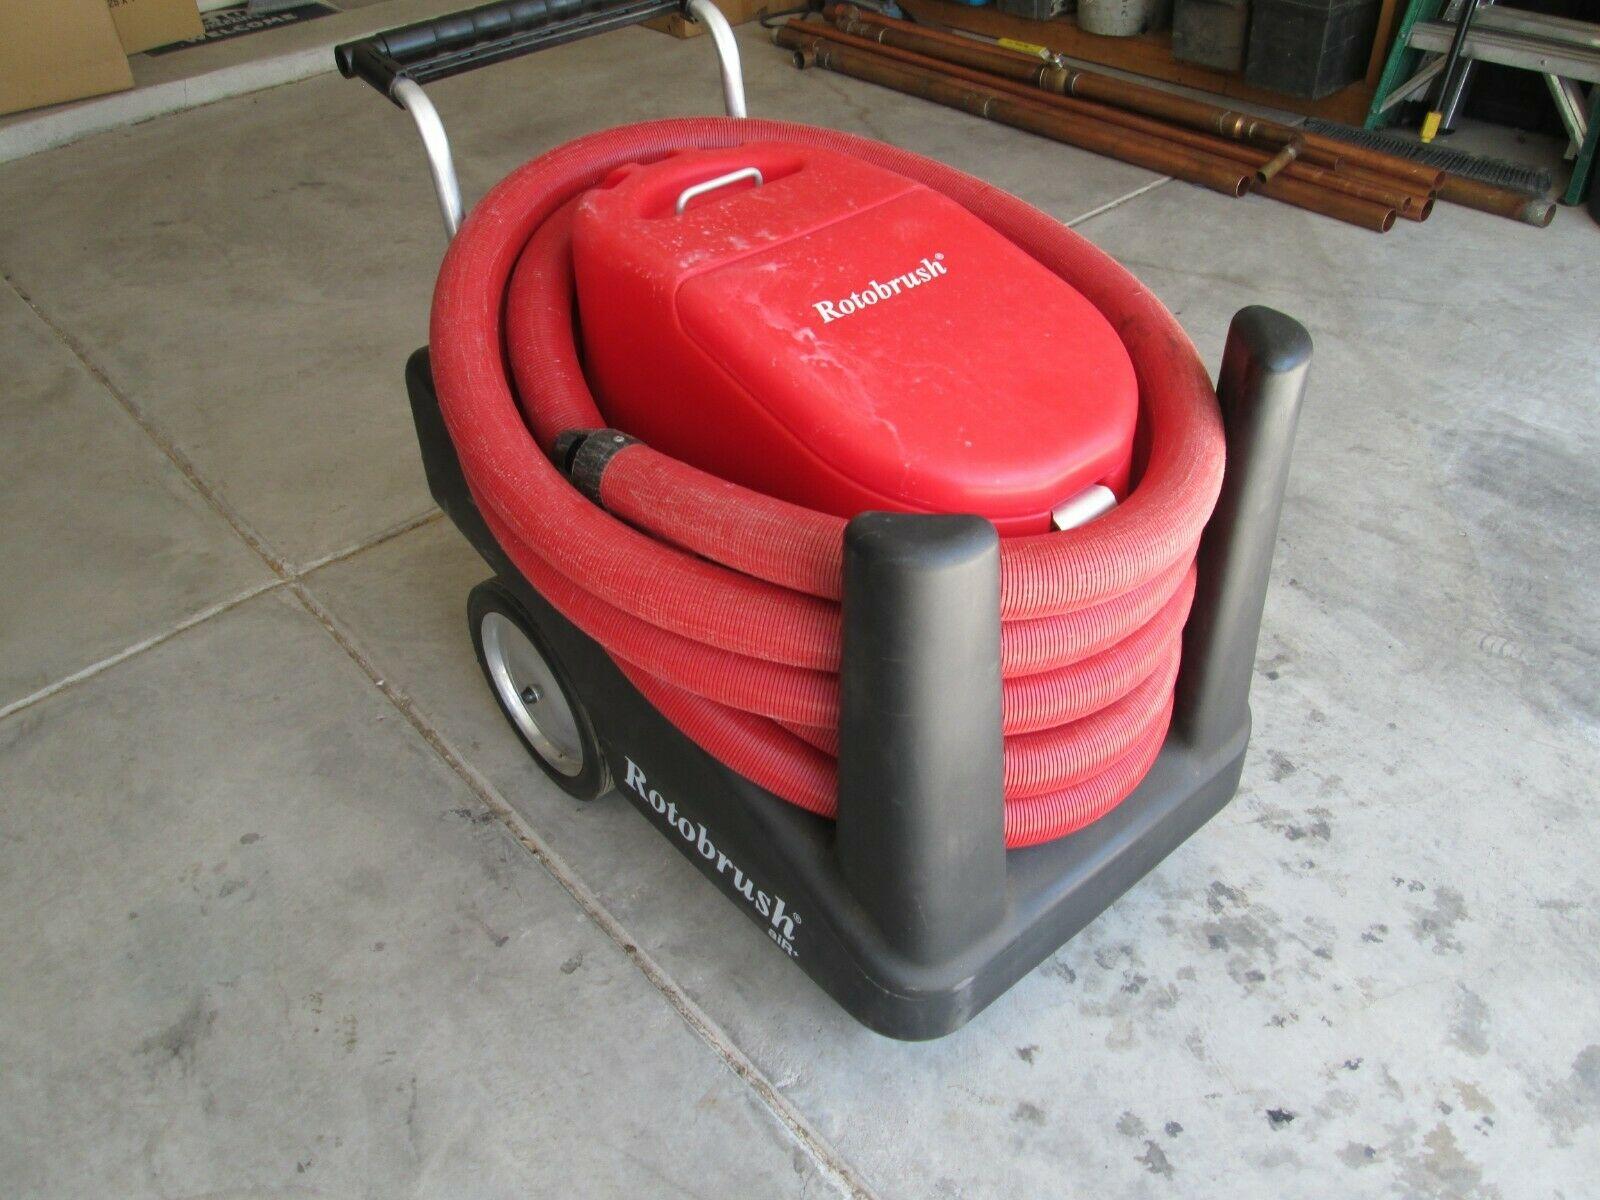 Photo Rotobrush Air Plus Duct Cleaning Machine